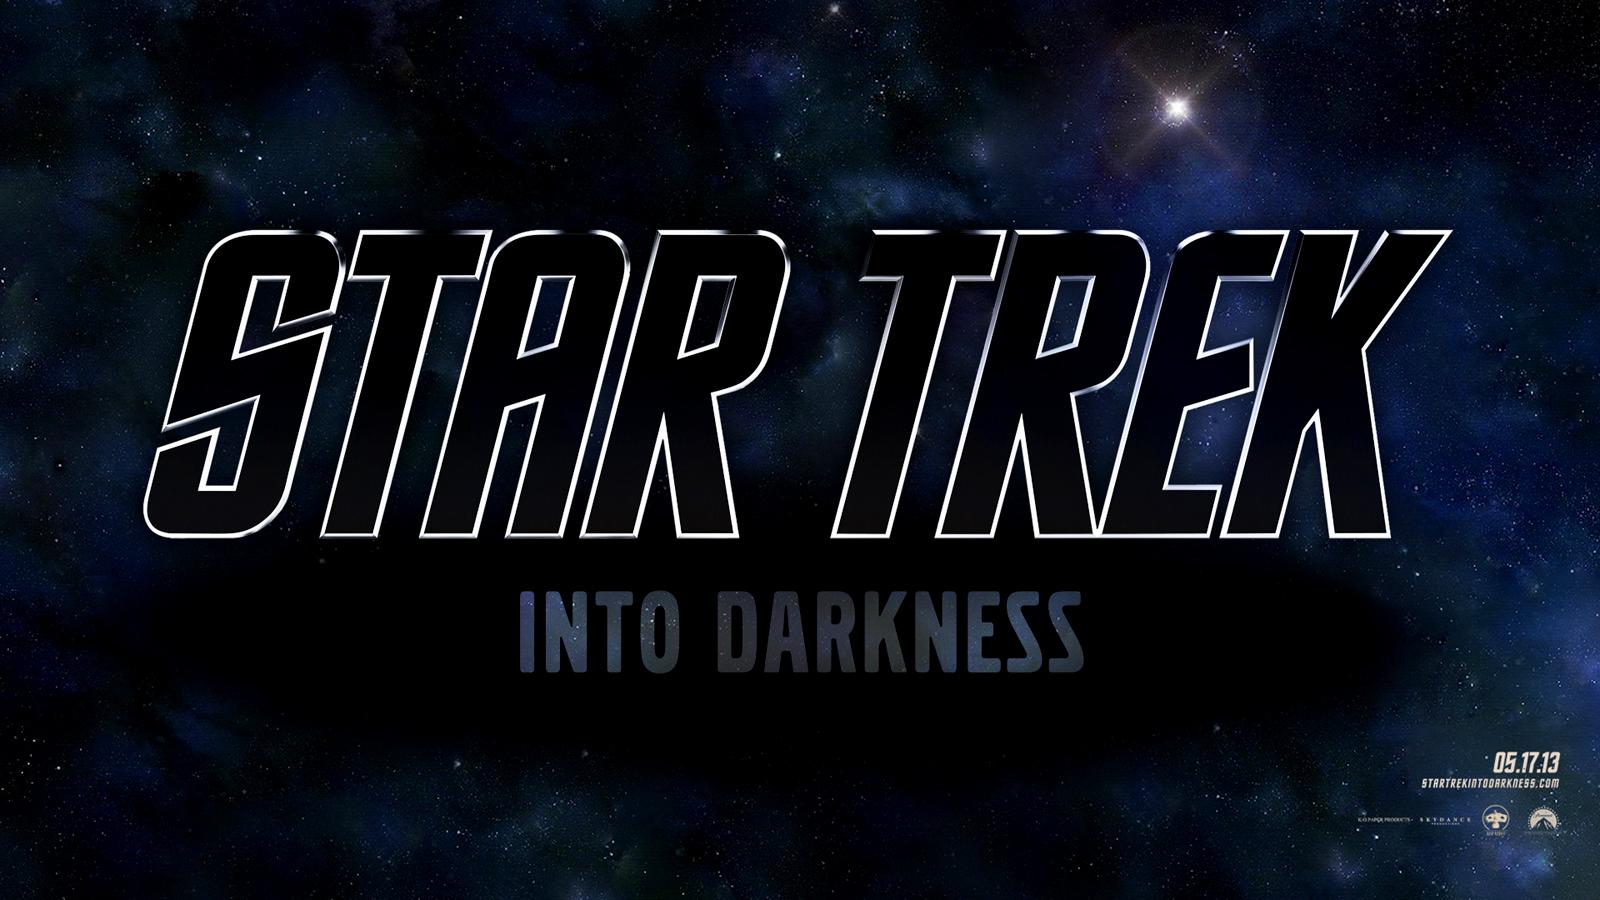 http://4.bp.blogspot.com/-obEIJNhP9W8/UMUN9ICu3MI/AAAAAAAAGnc/nNFl3bUrQ2M/s1600/Star-Trek-Into-Darkness-Text-HD-Wallpaper_Vvallpaper.Net.jpg